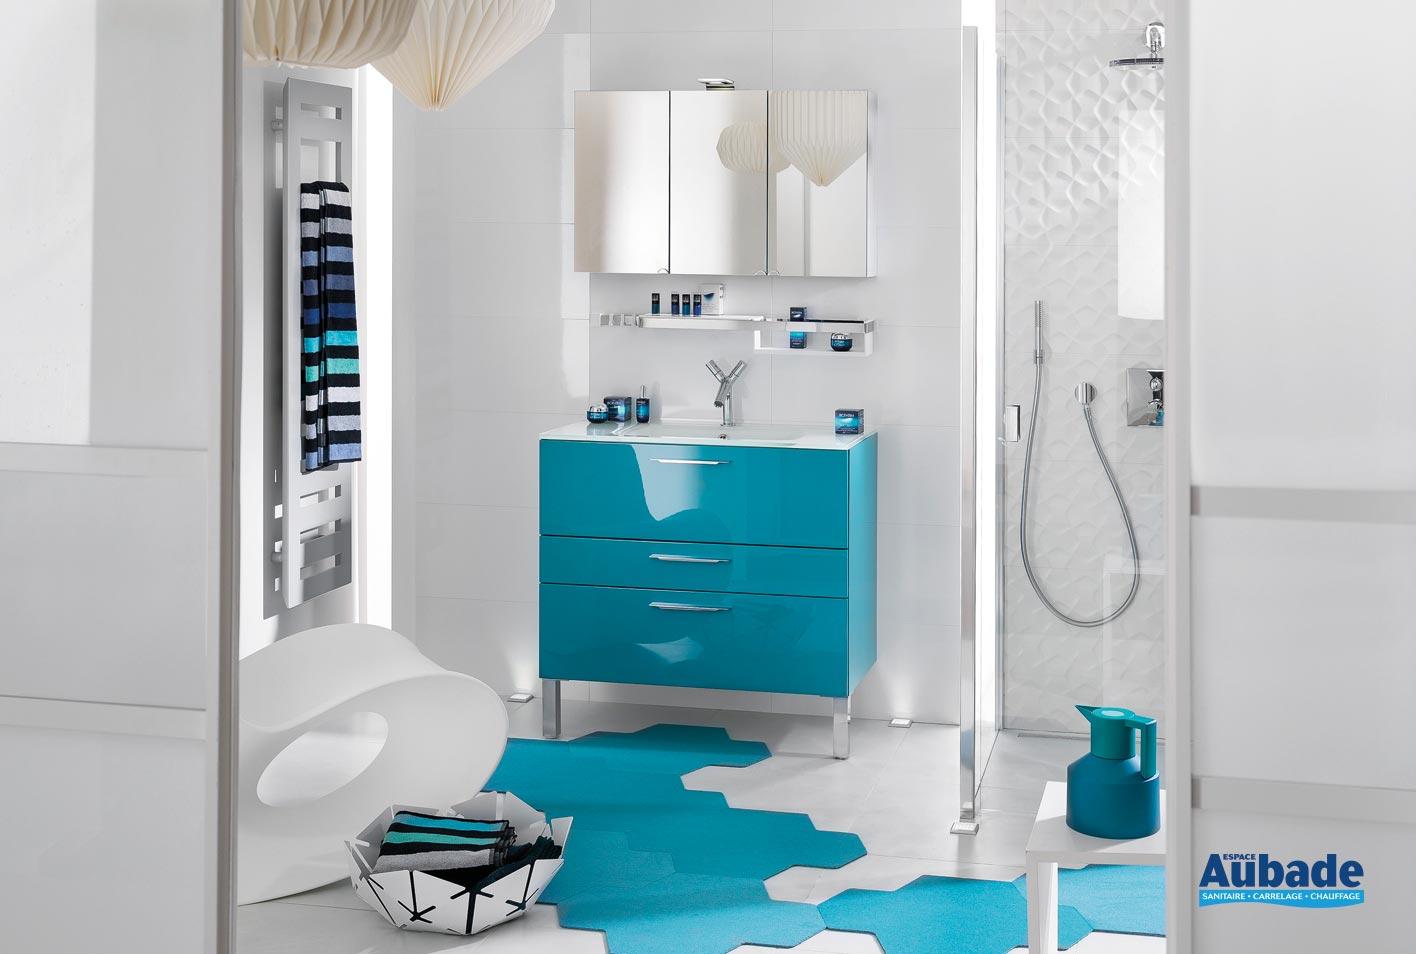 Salle De Bain Chocolat Turquoise meubles salle de bains bleu delpha unique 90 | espace aubade